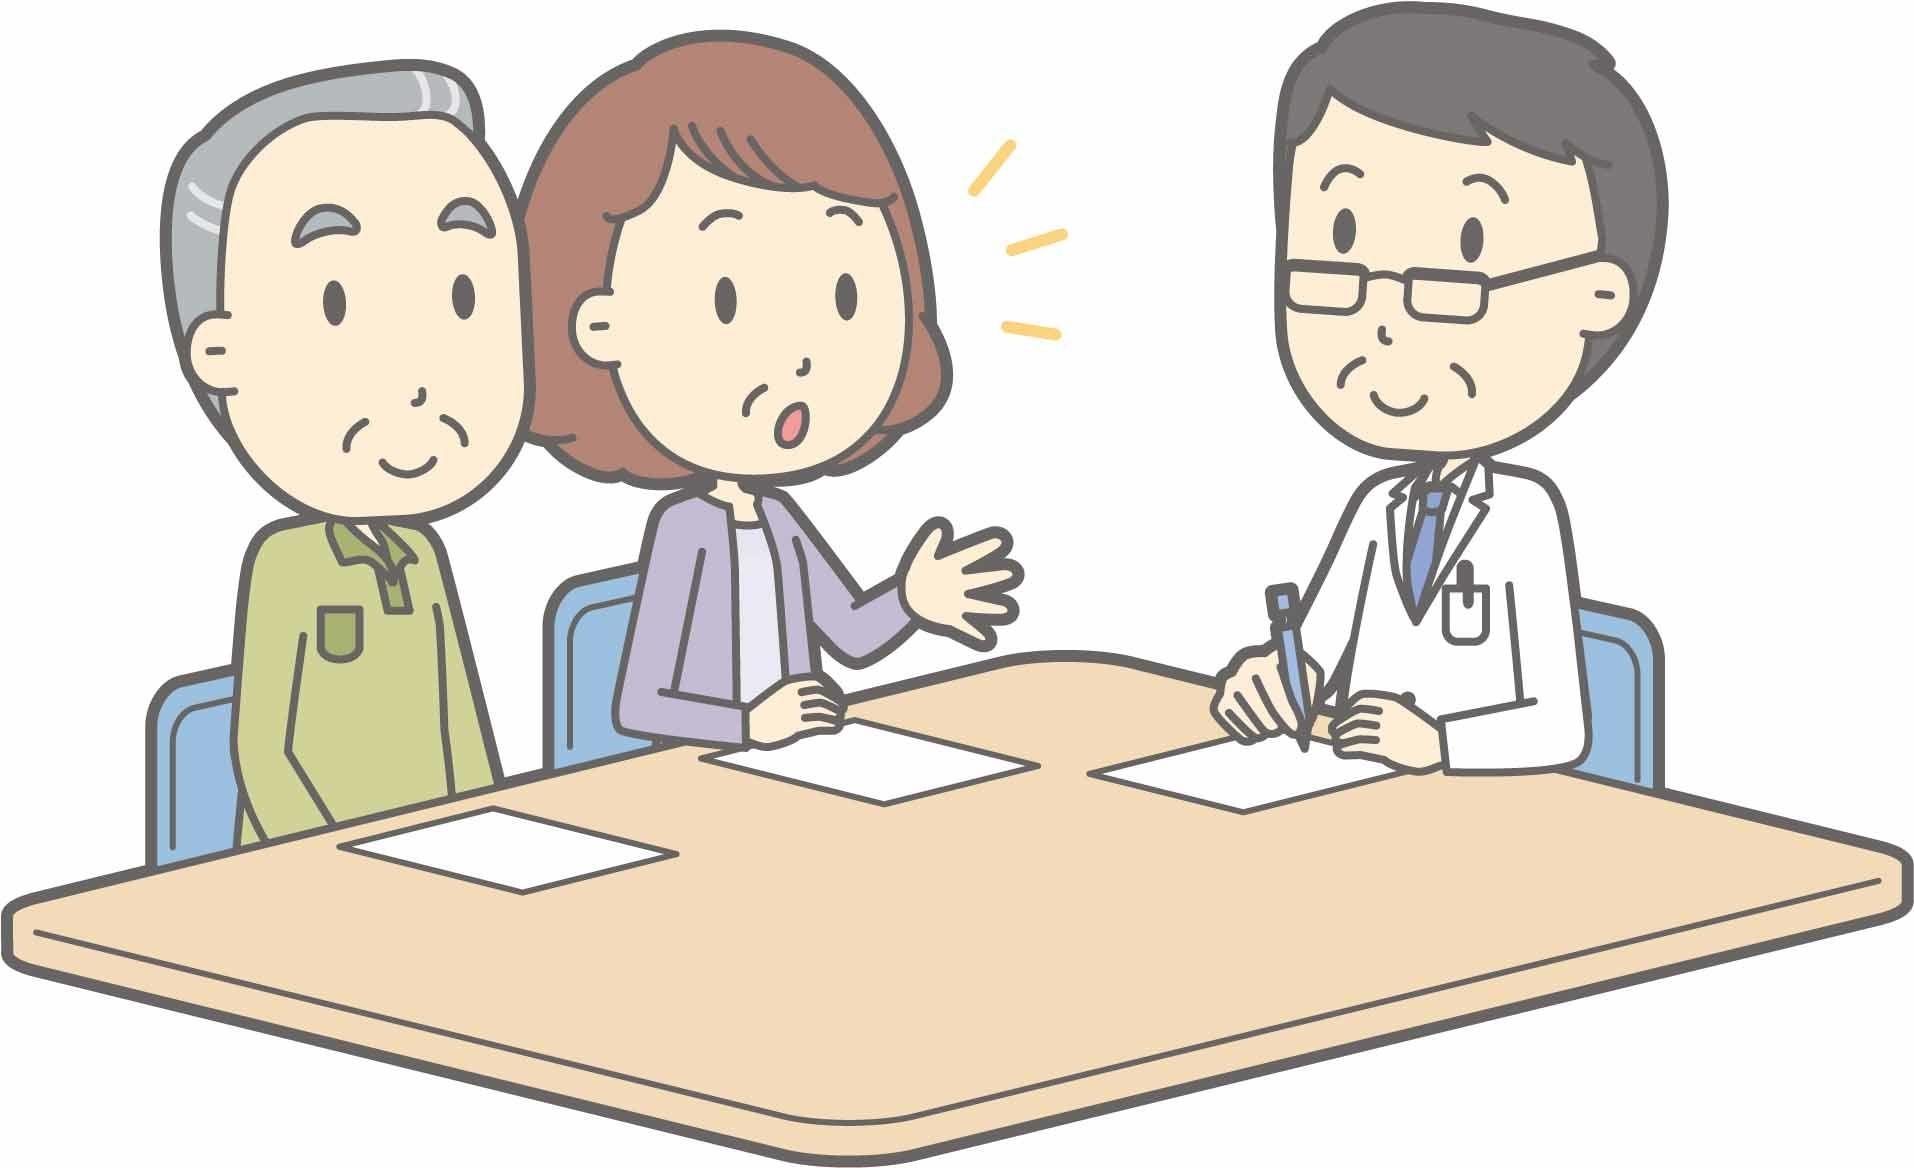 中野不動産売却専門総合コンサルタント会社 グローリーハウスの売却相談対応